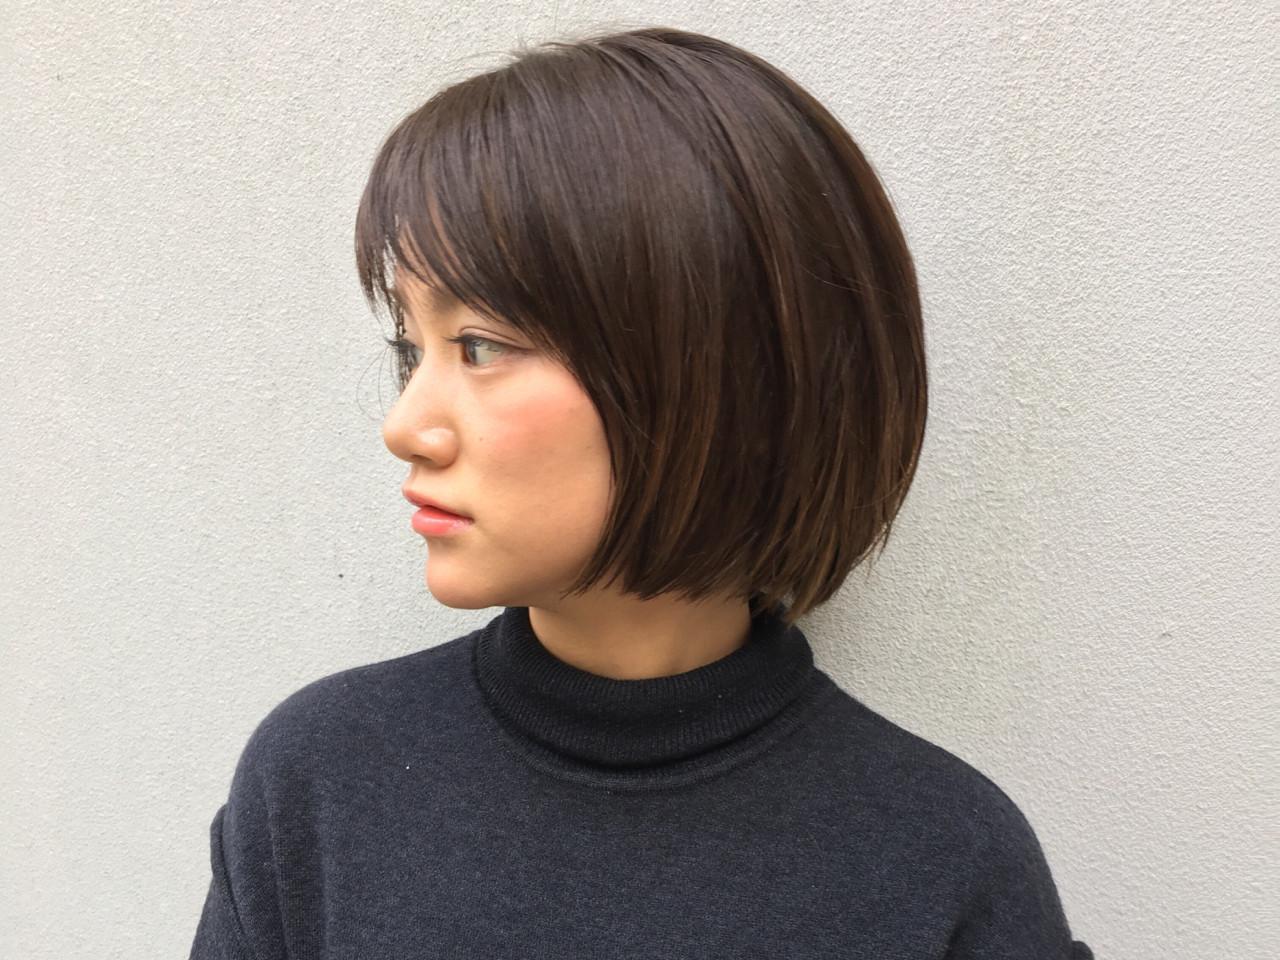 色気 ニュアンス フリンジバング ボブ ヘアスタイルや髪型の写真・画像 | スガ シュンスケ / Tierra (ティエラ)